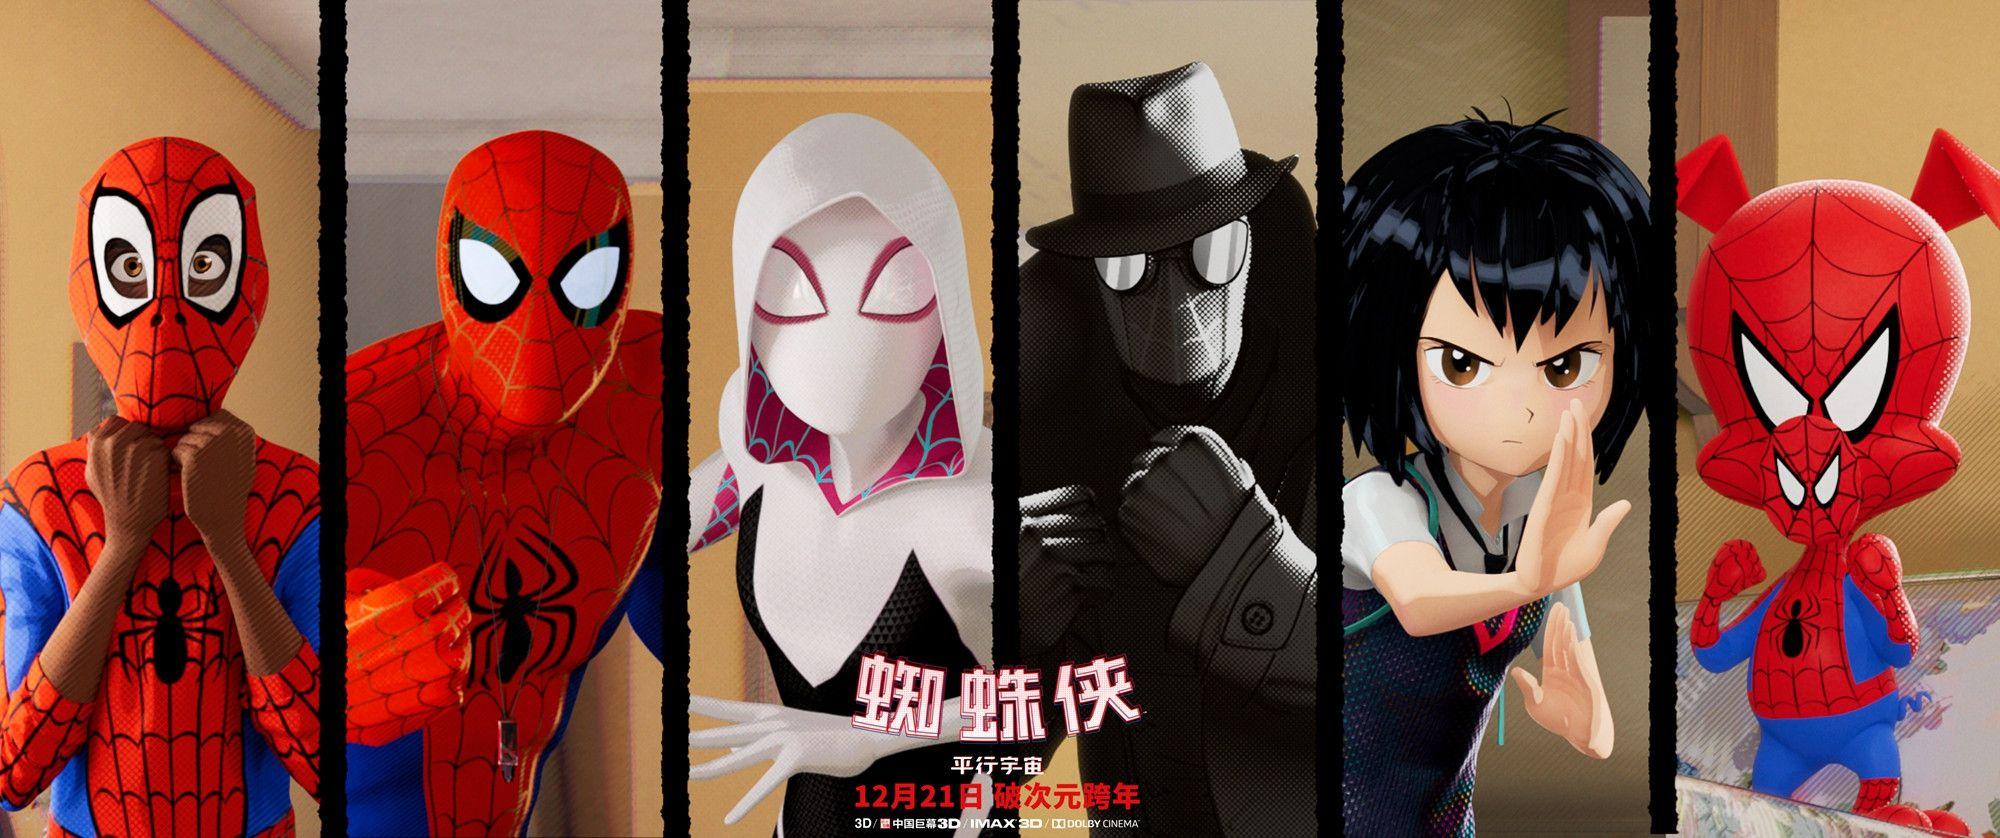 《蜘蛛侠:平行宇宙》口碑逆天,外媒惊呼年度最佳动画已诞生